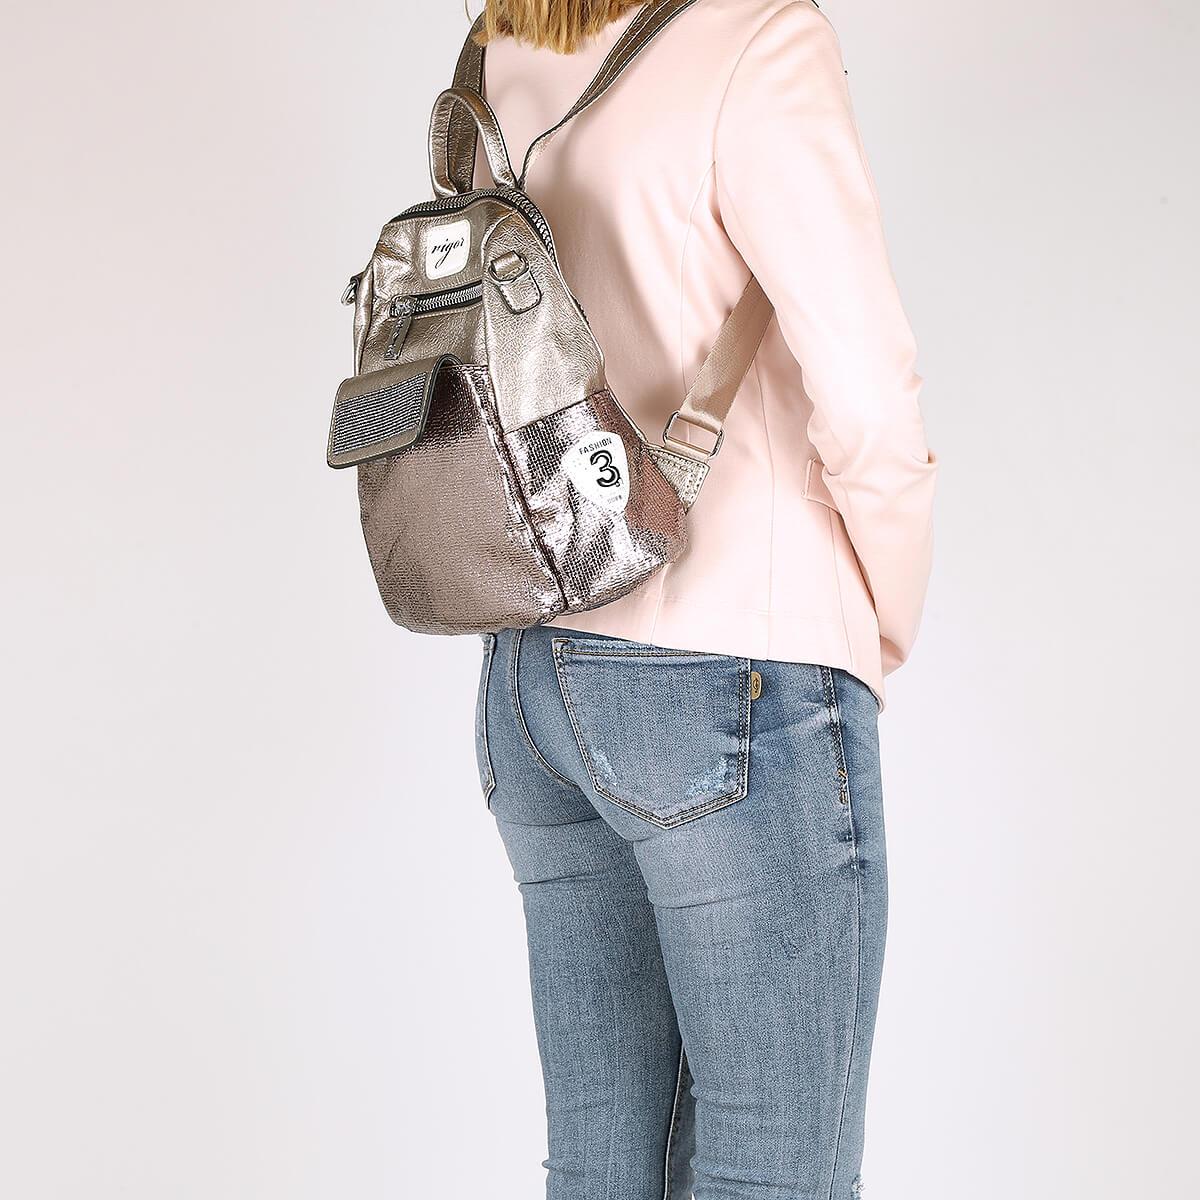 דגם מימי: תיק גב לנשים בצבע ברונזה